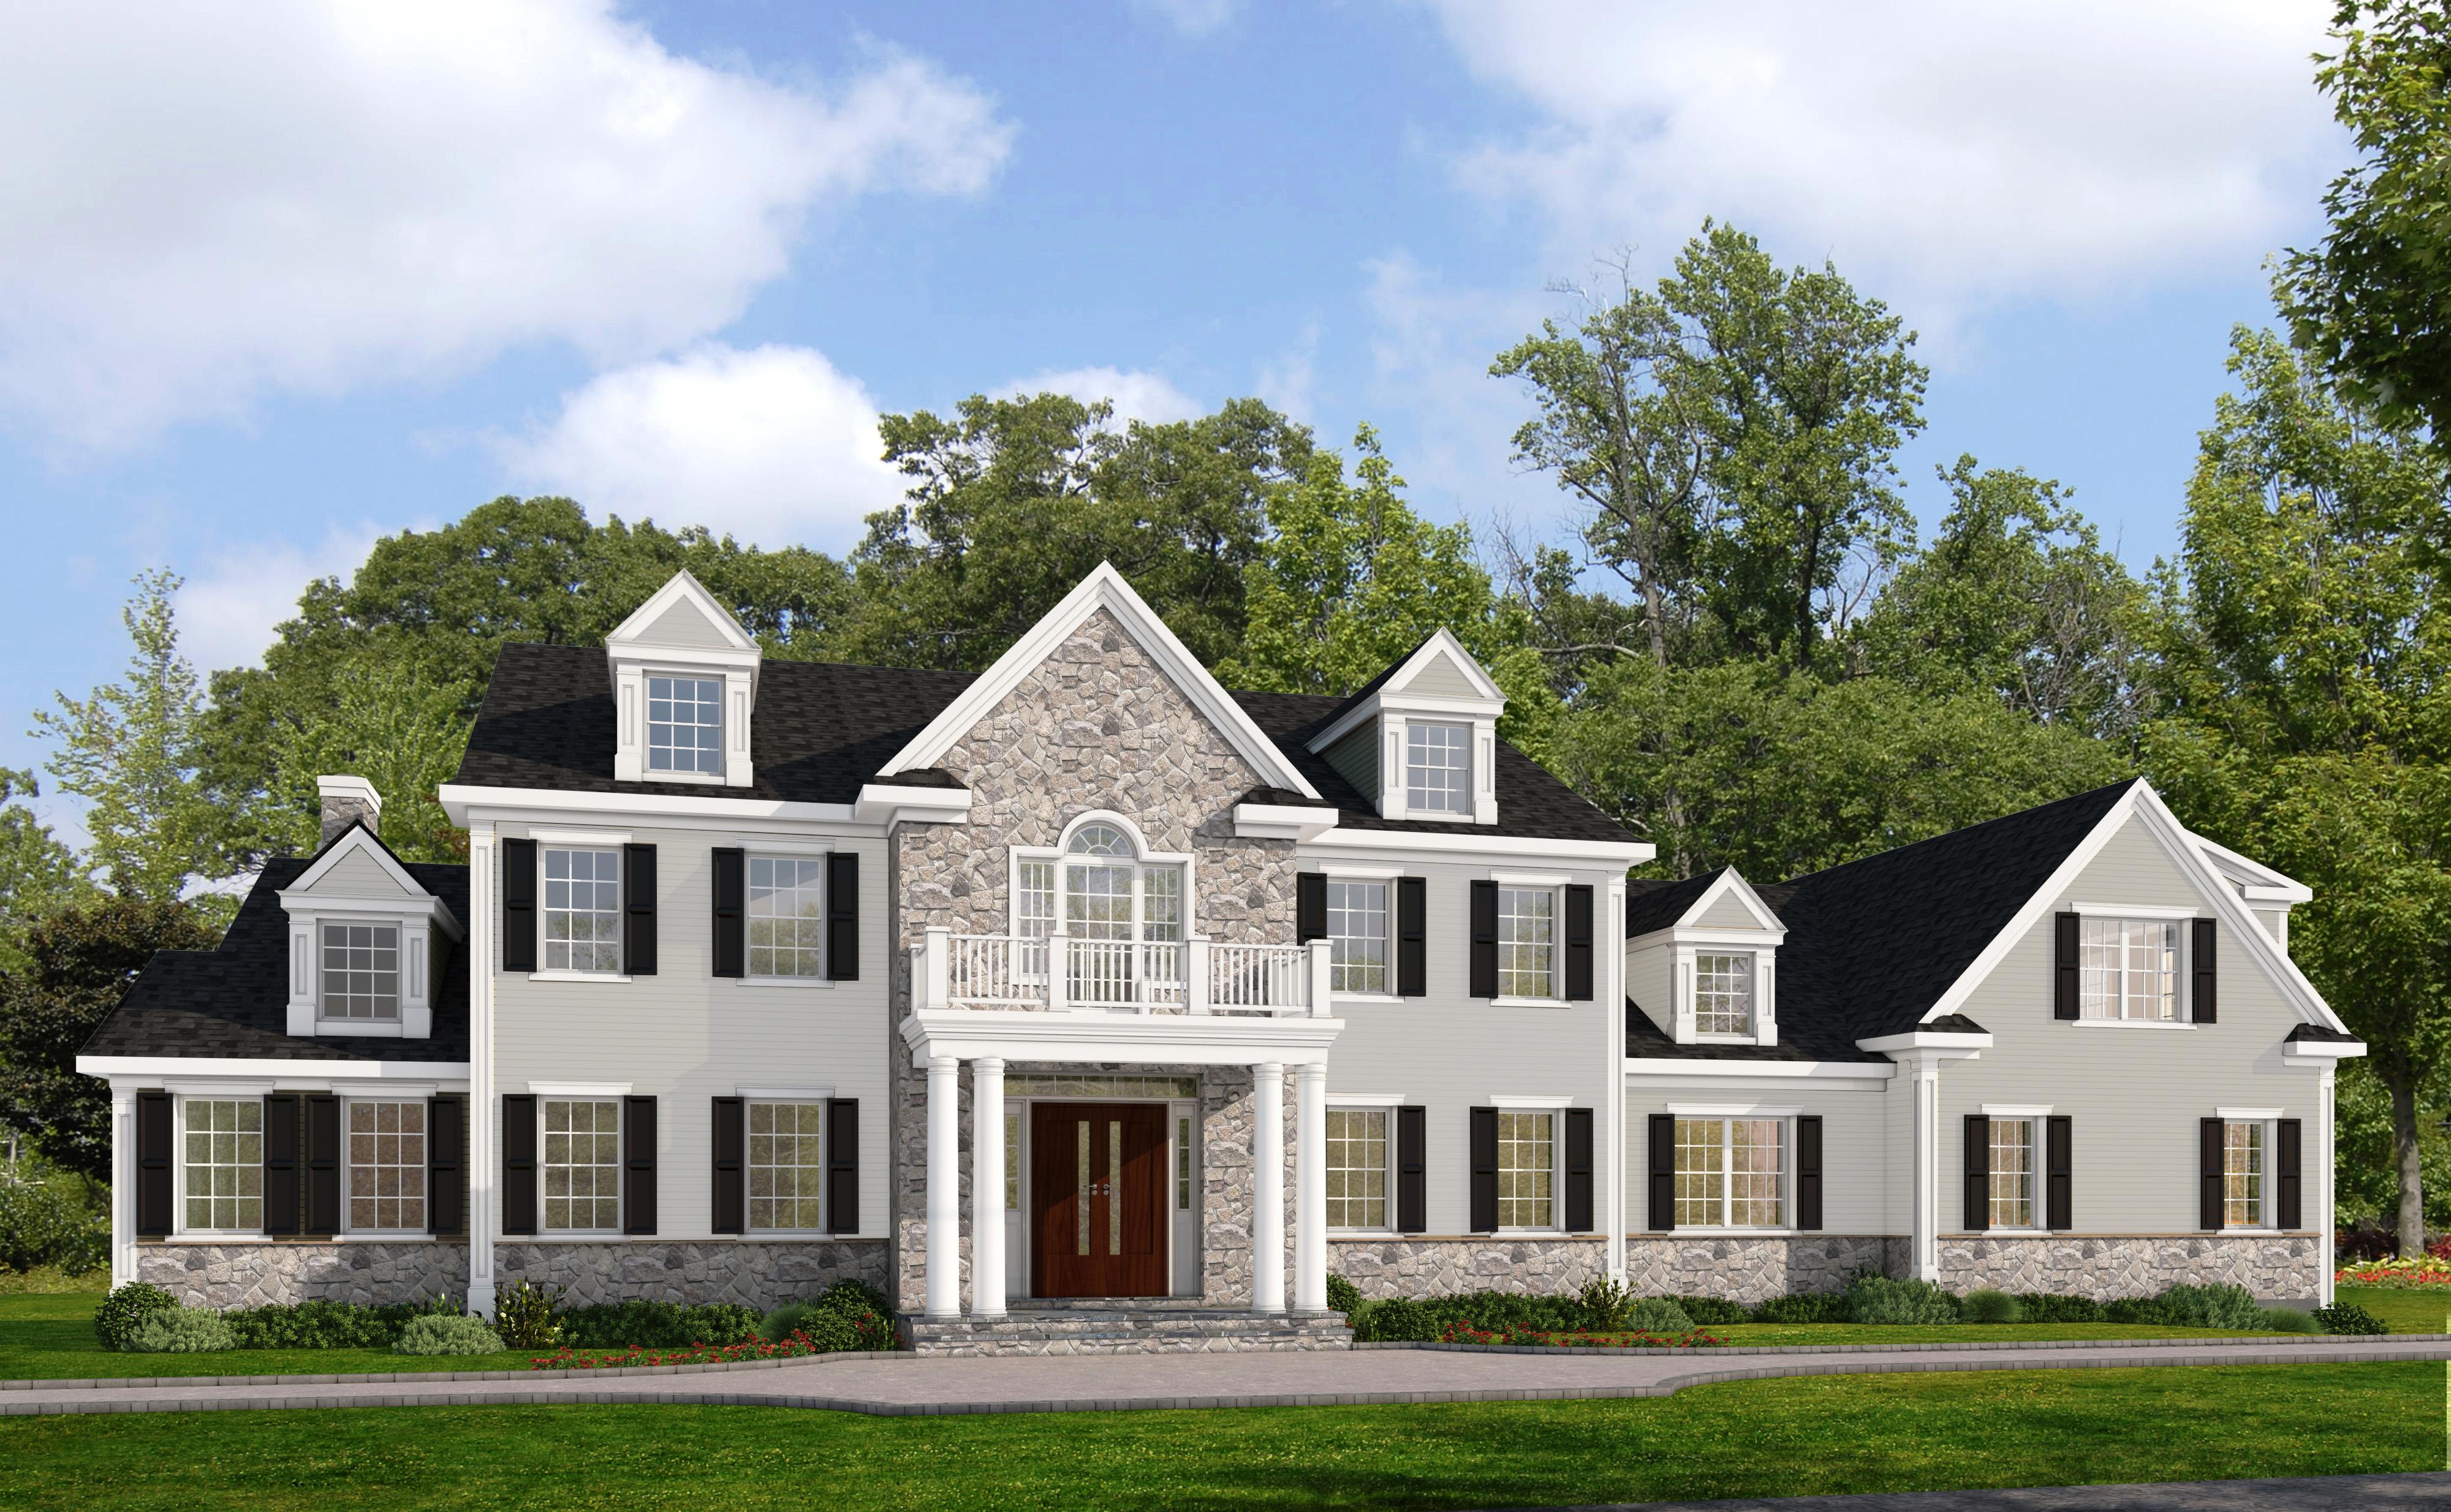 Villa per Vendita alle ore Magnificent 3 Century Trail Harrison, New York 10528 Stati Uniti